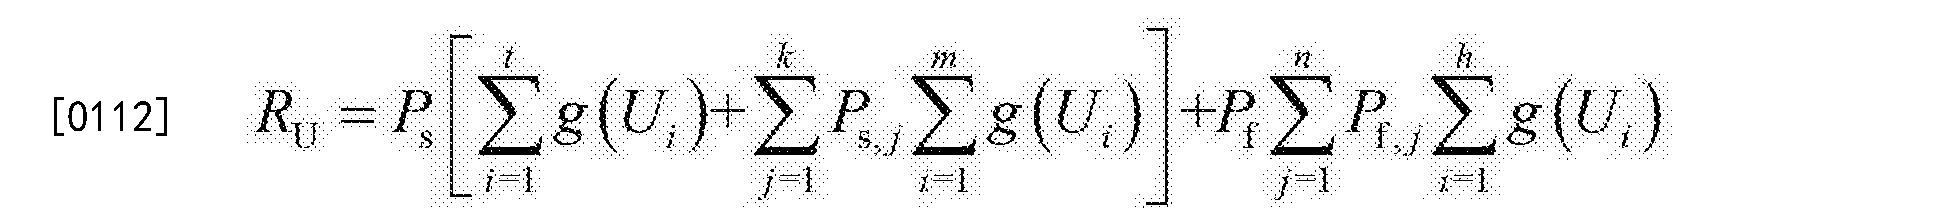 Figure CN103218754BD00131